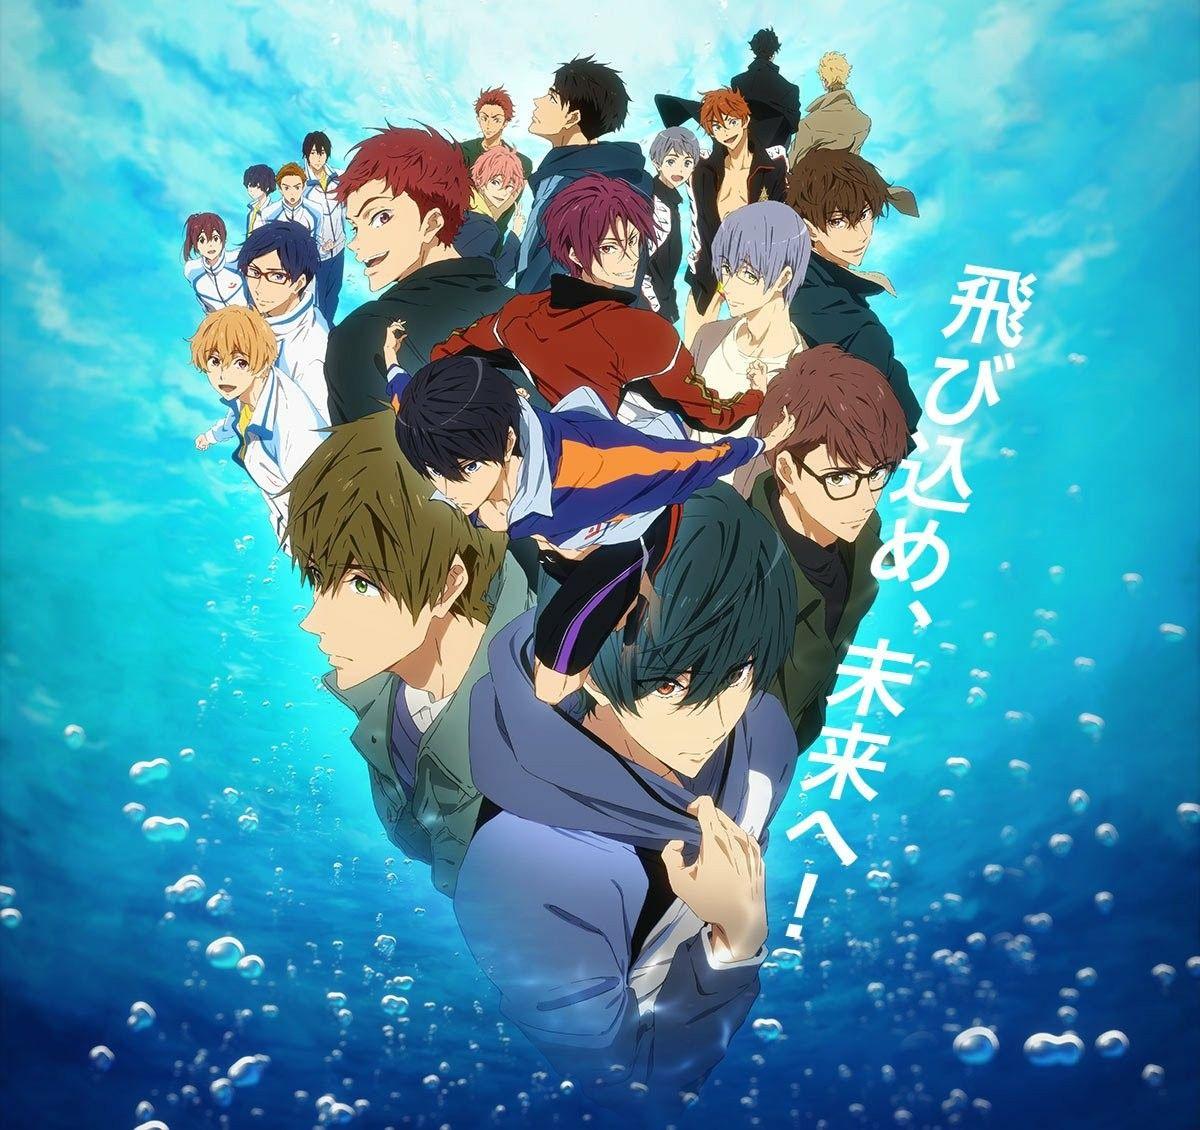 Wallpaper Free Haruka Nanase Free Anime Free Iwatobi Anime Wallpaper